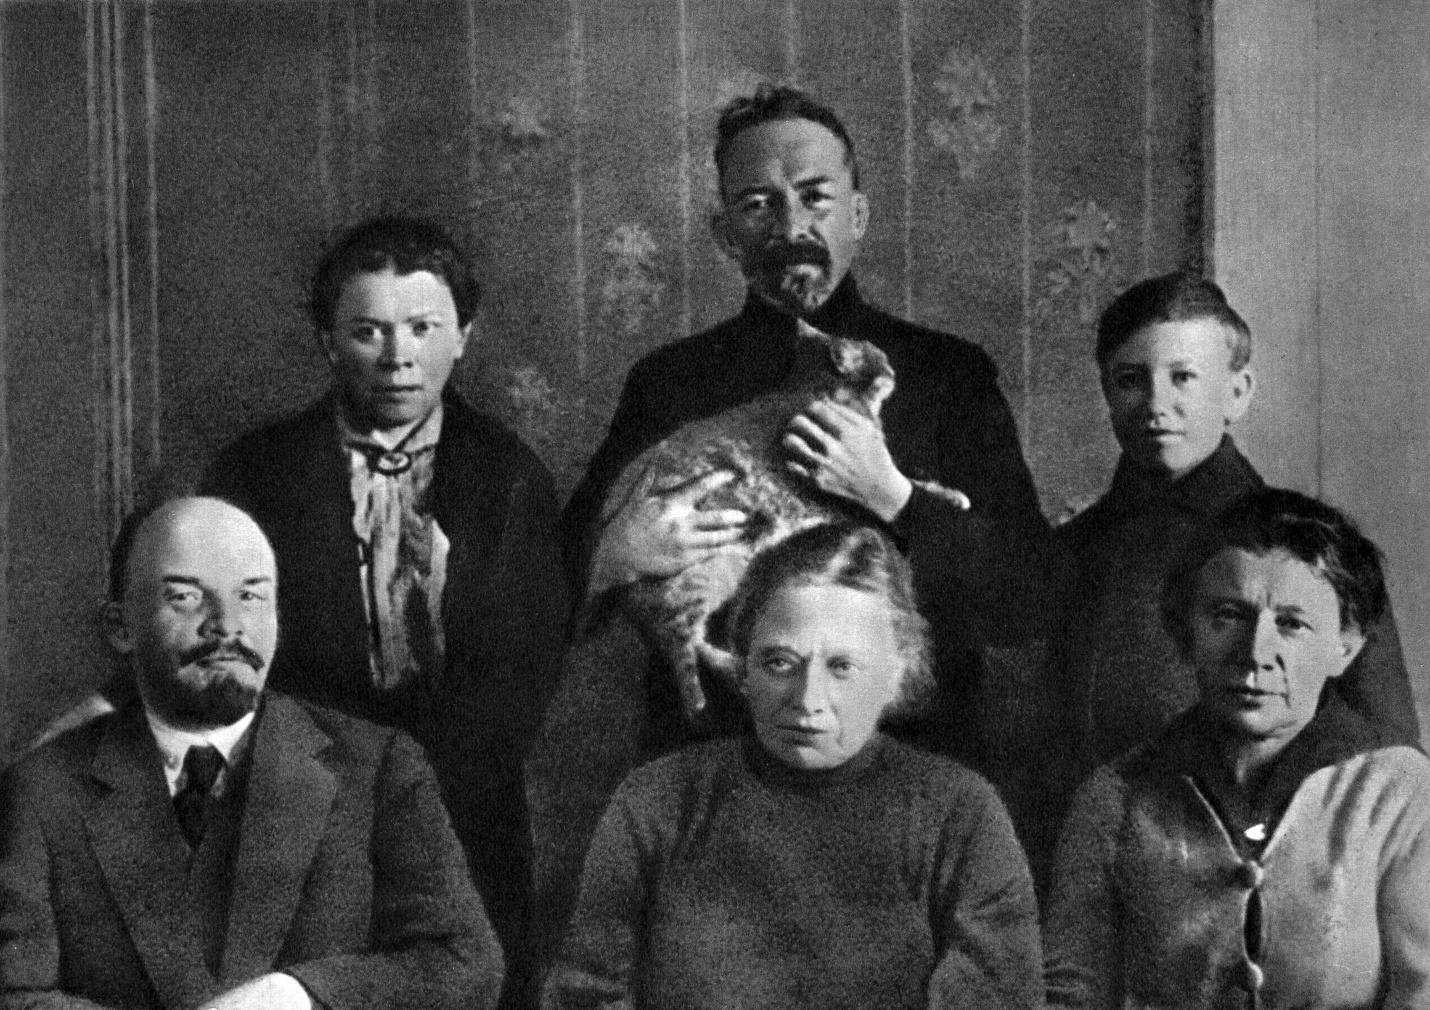 Тайны семьи Ленина, о которых молчали коммунисты